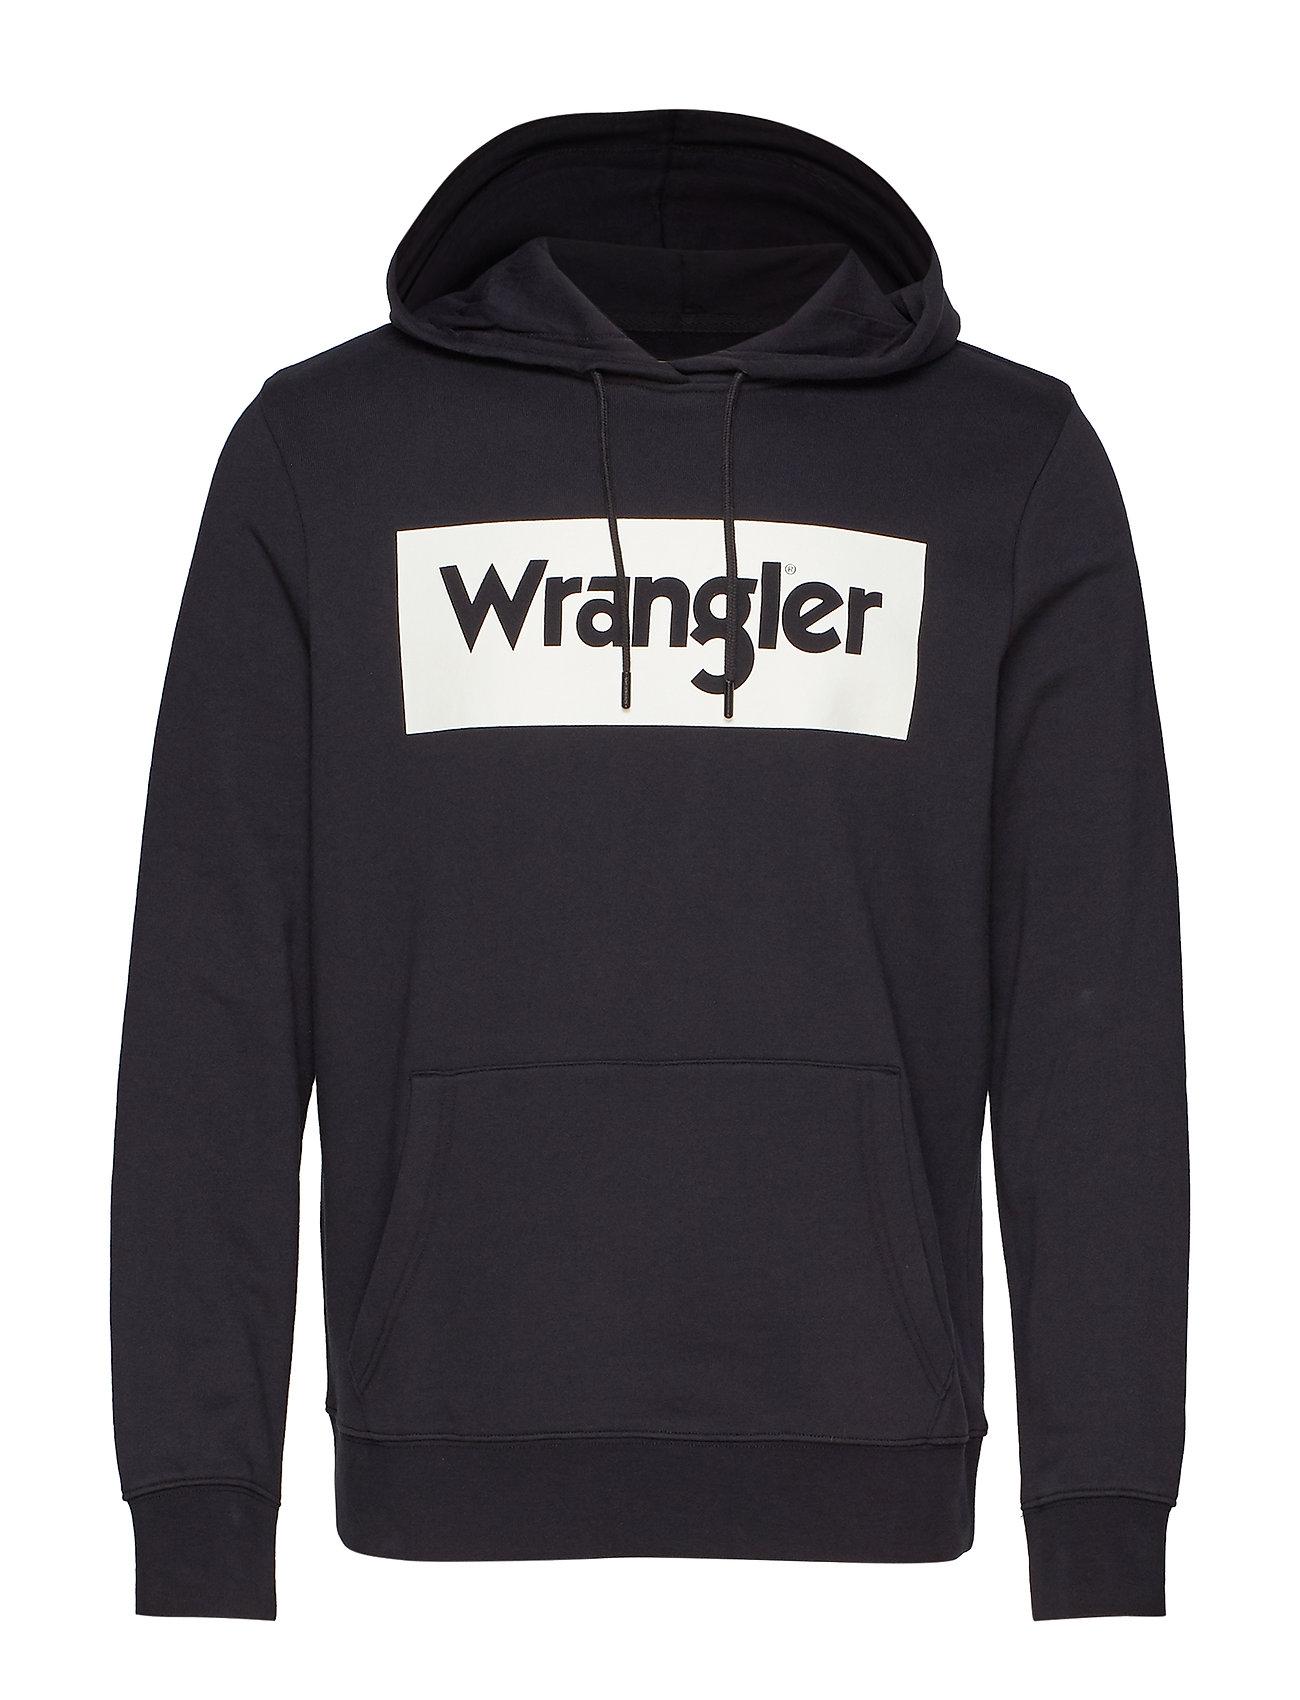 Wrangler LOGO HOODIE - BLACK